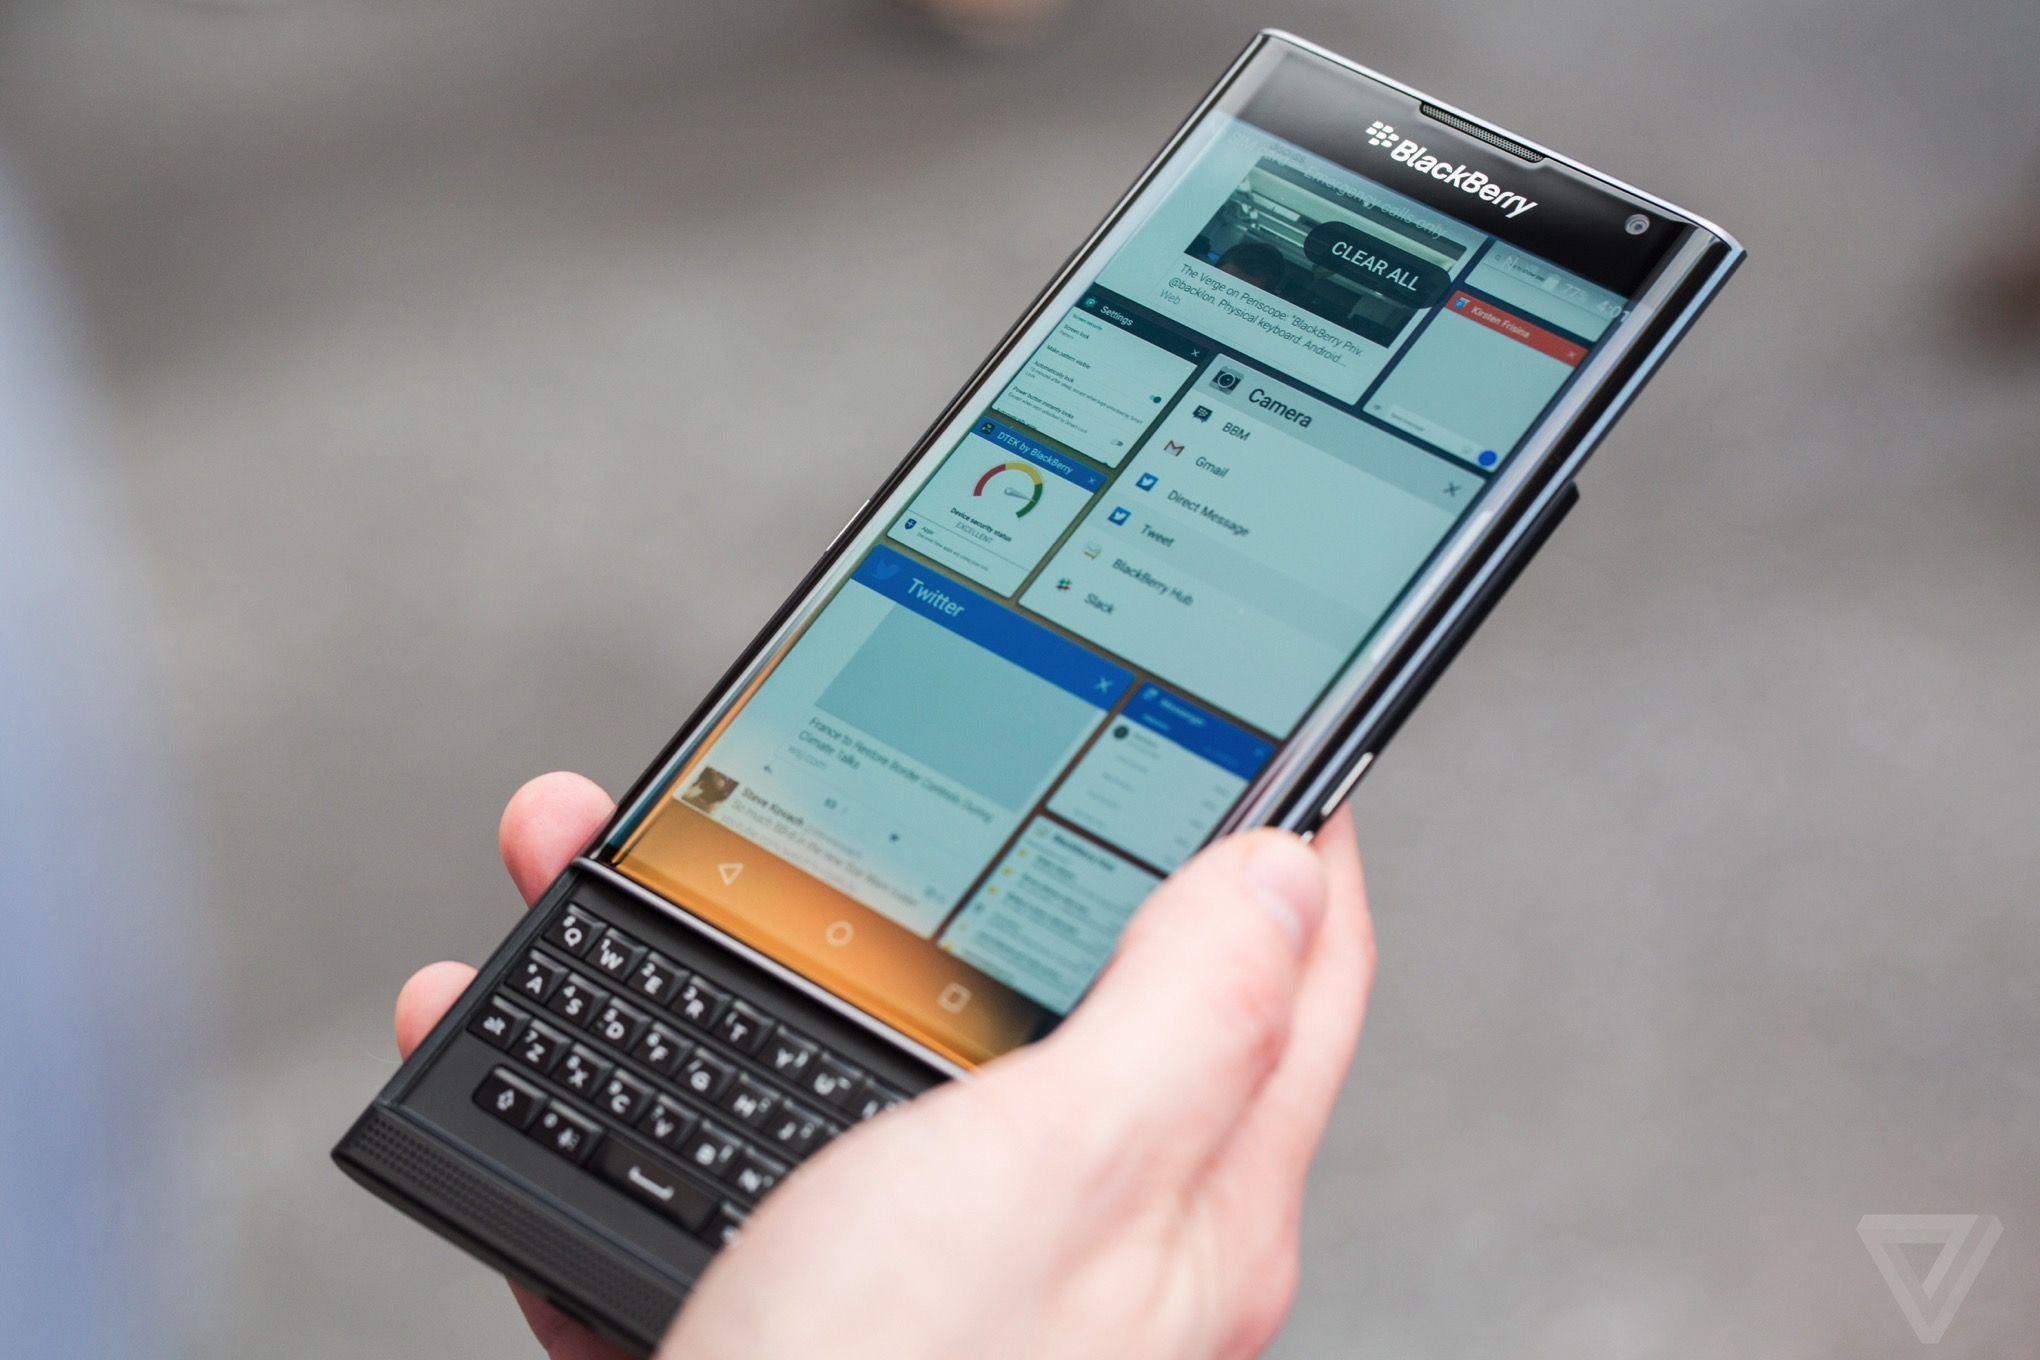 Priv cháy hàng, cổ phiếu Blackberry tăng mạnh